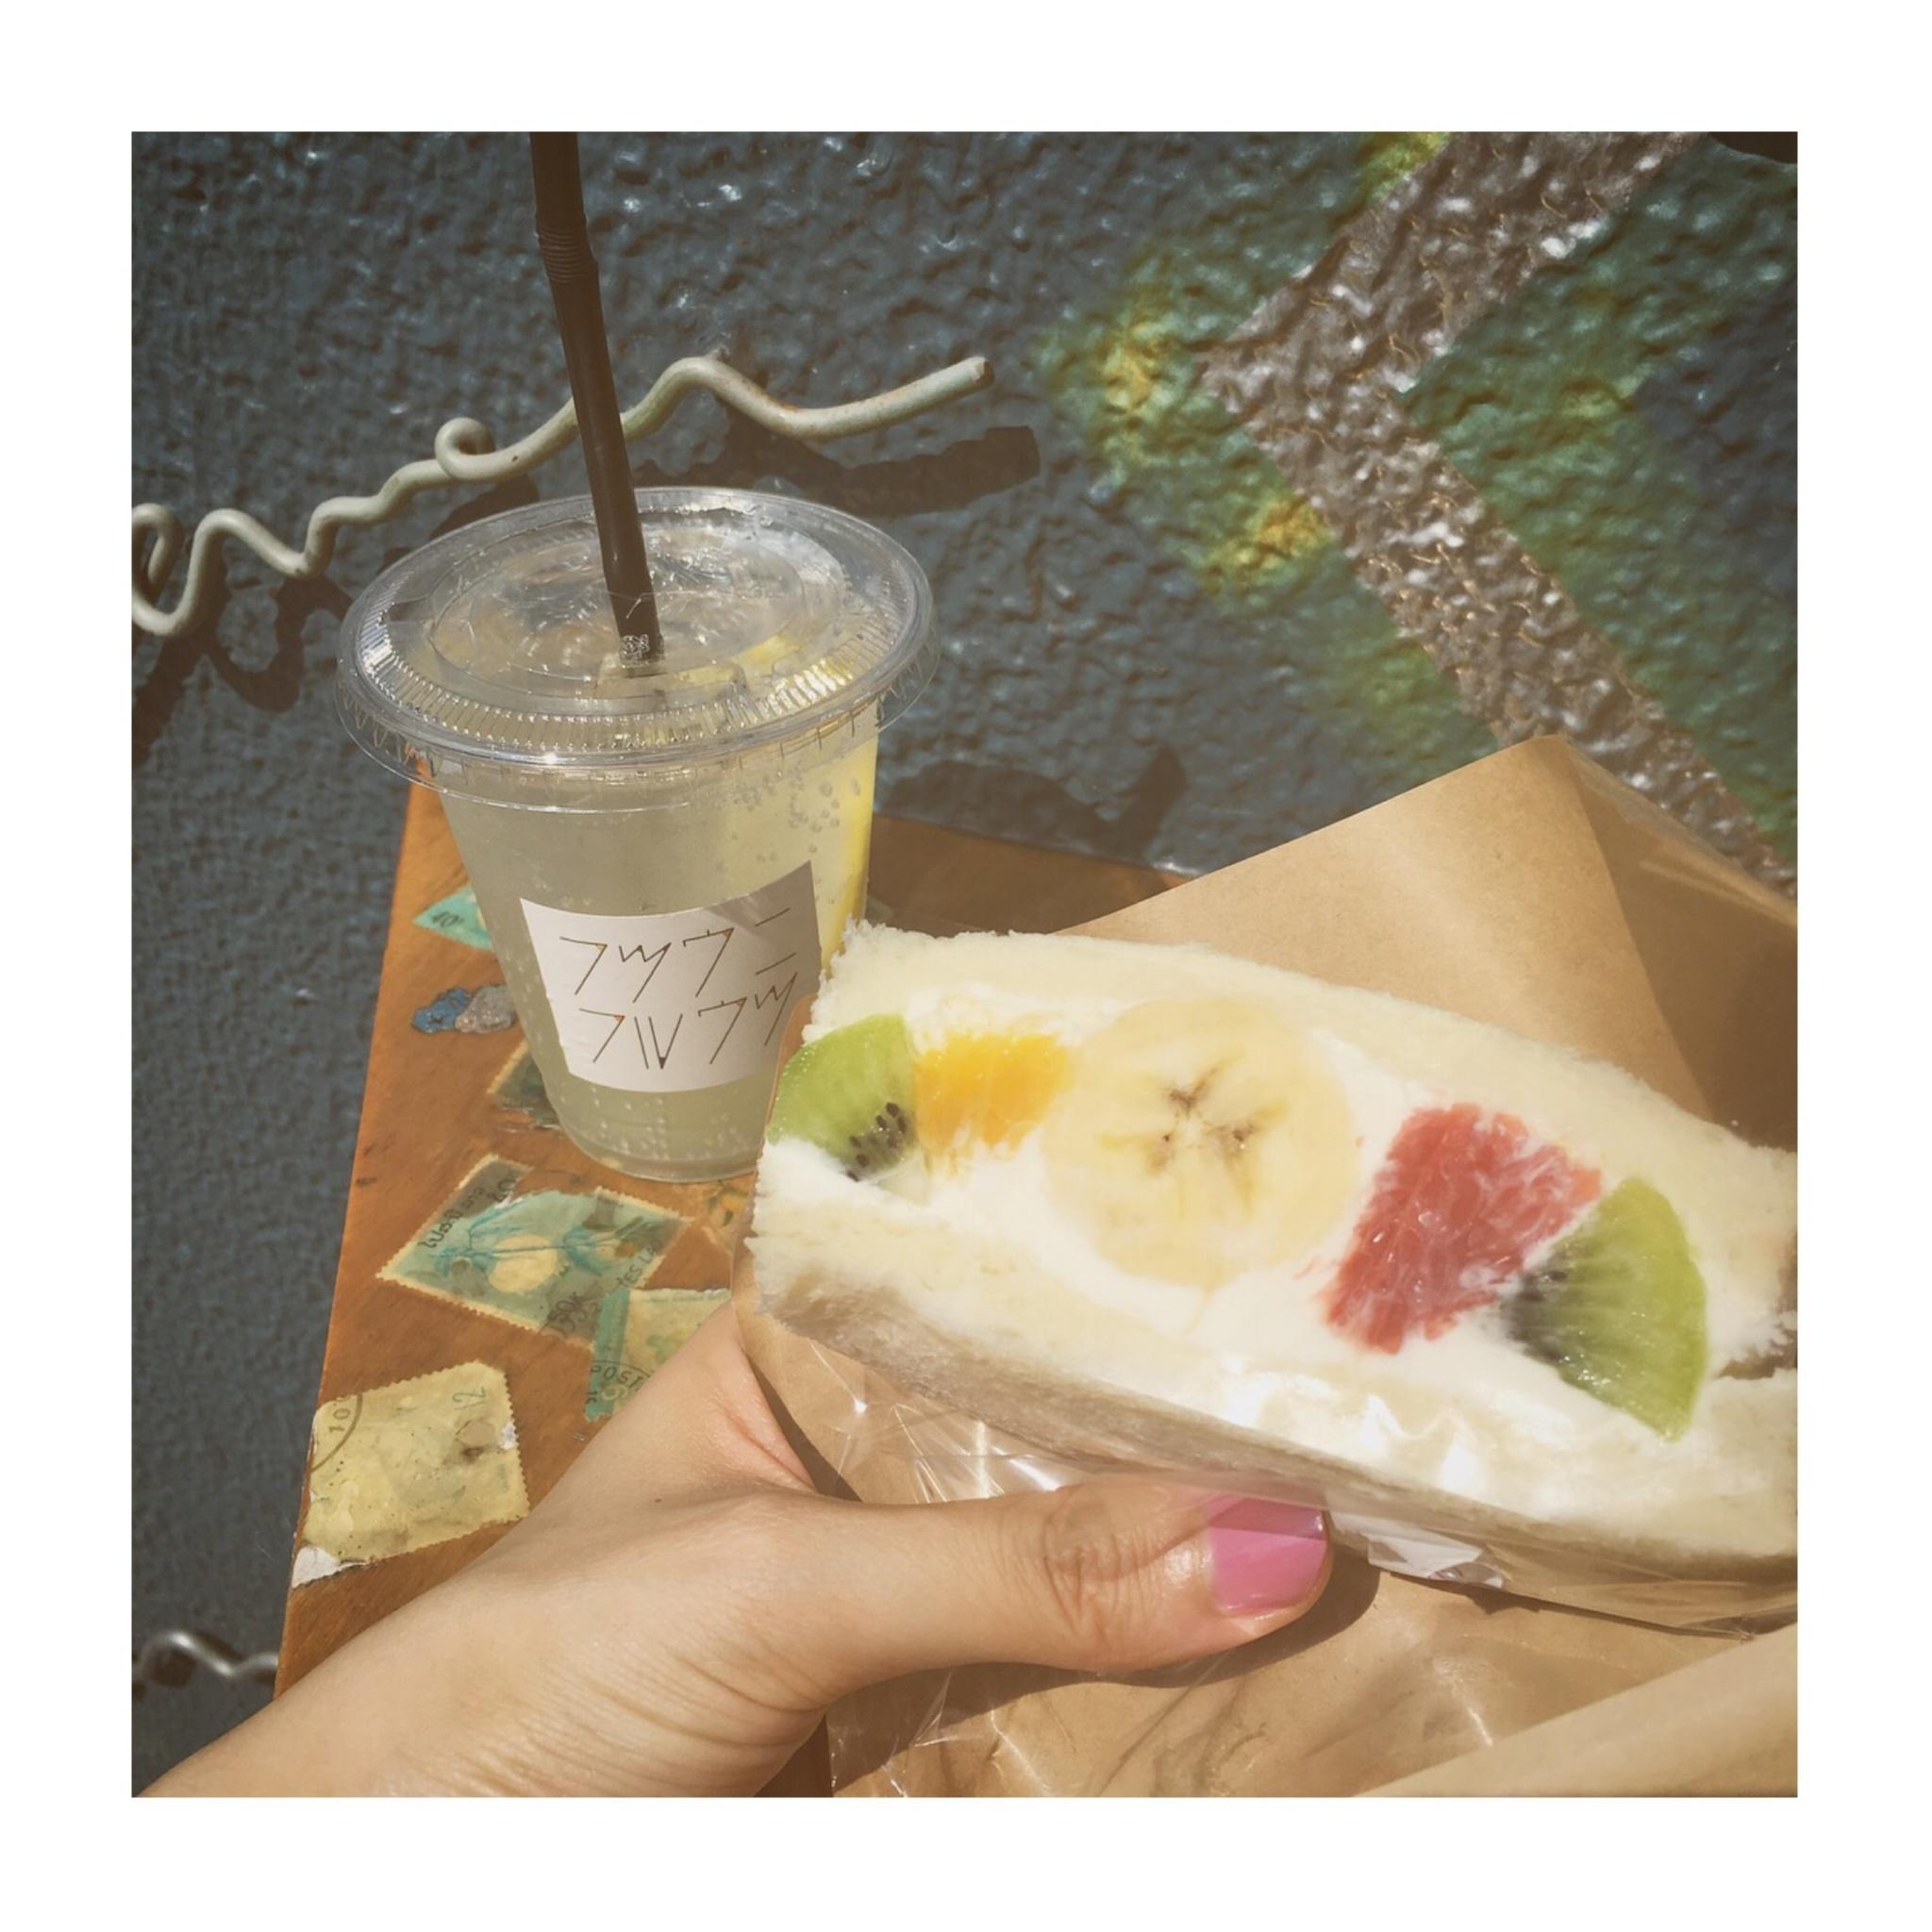 #6【#cafestagram】❤️:《中目黒》に行ったら寄りたい、究極のフルーツサンド!「フツウニフルウツ」☻ _2